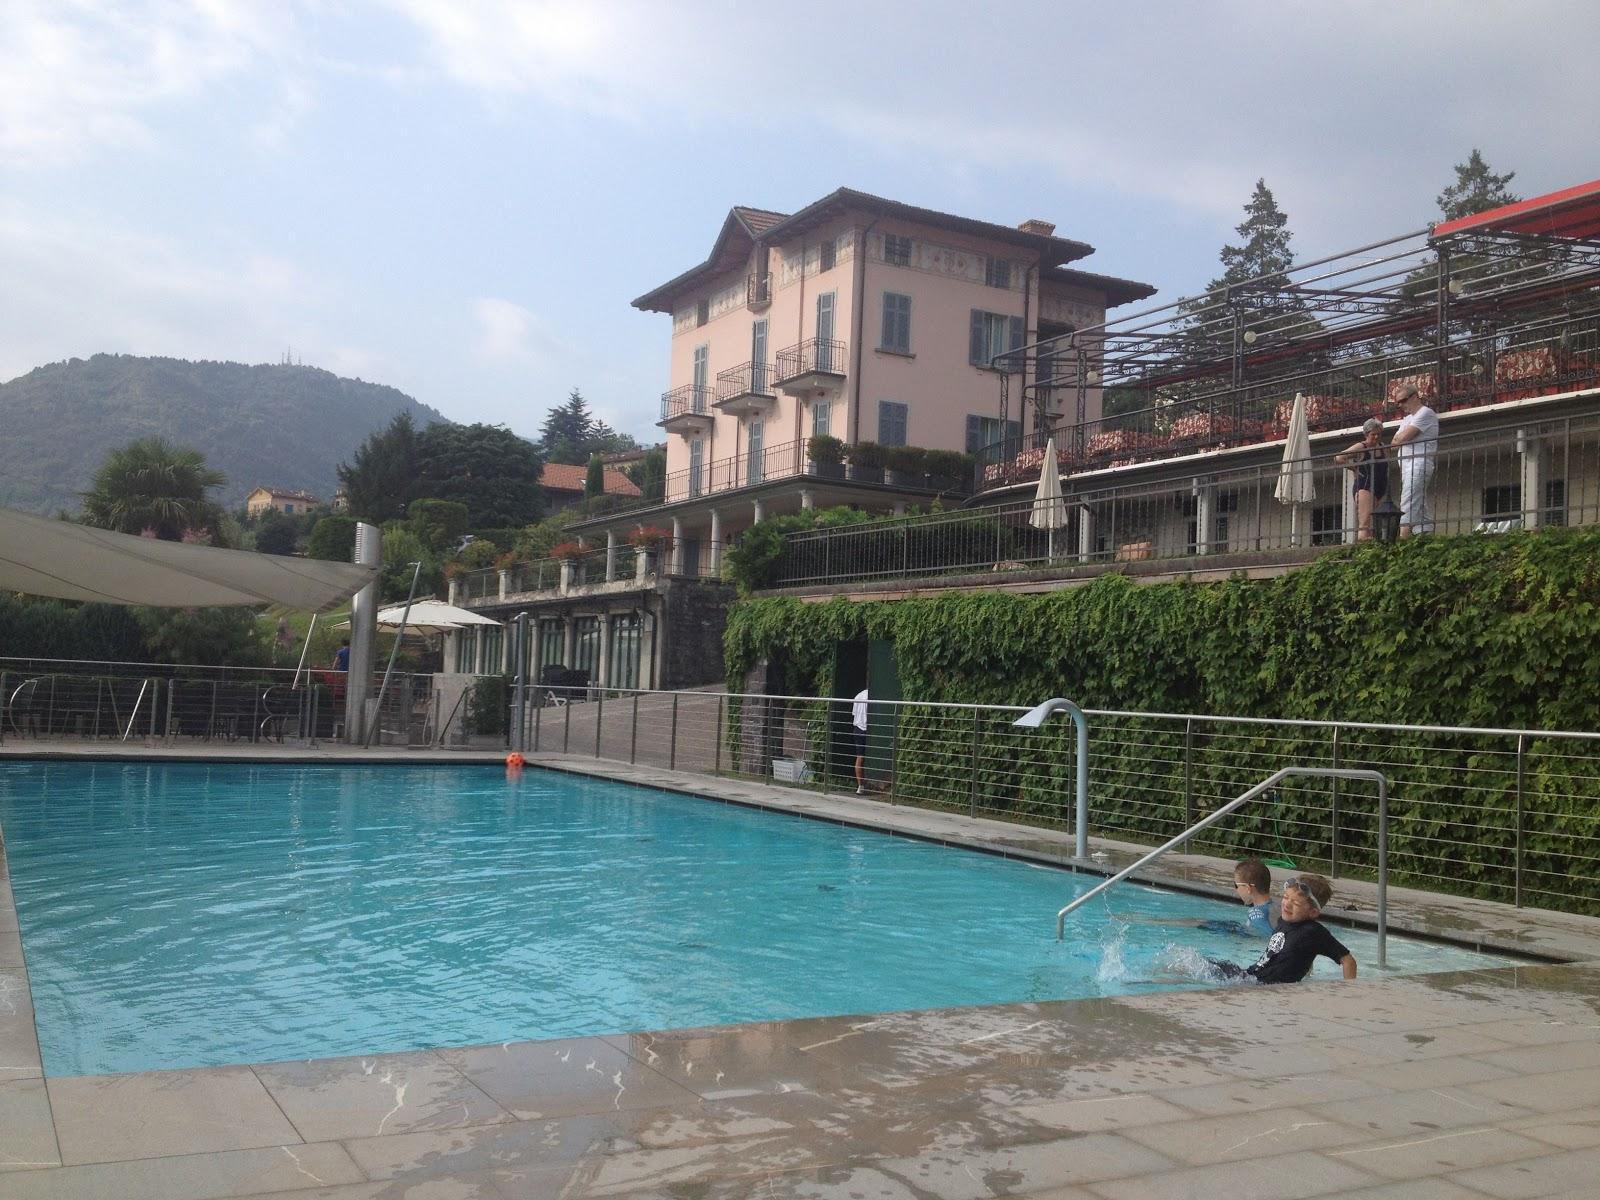 Cocktails Gelato Hotel Review Hotel Belvedere Bellagio